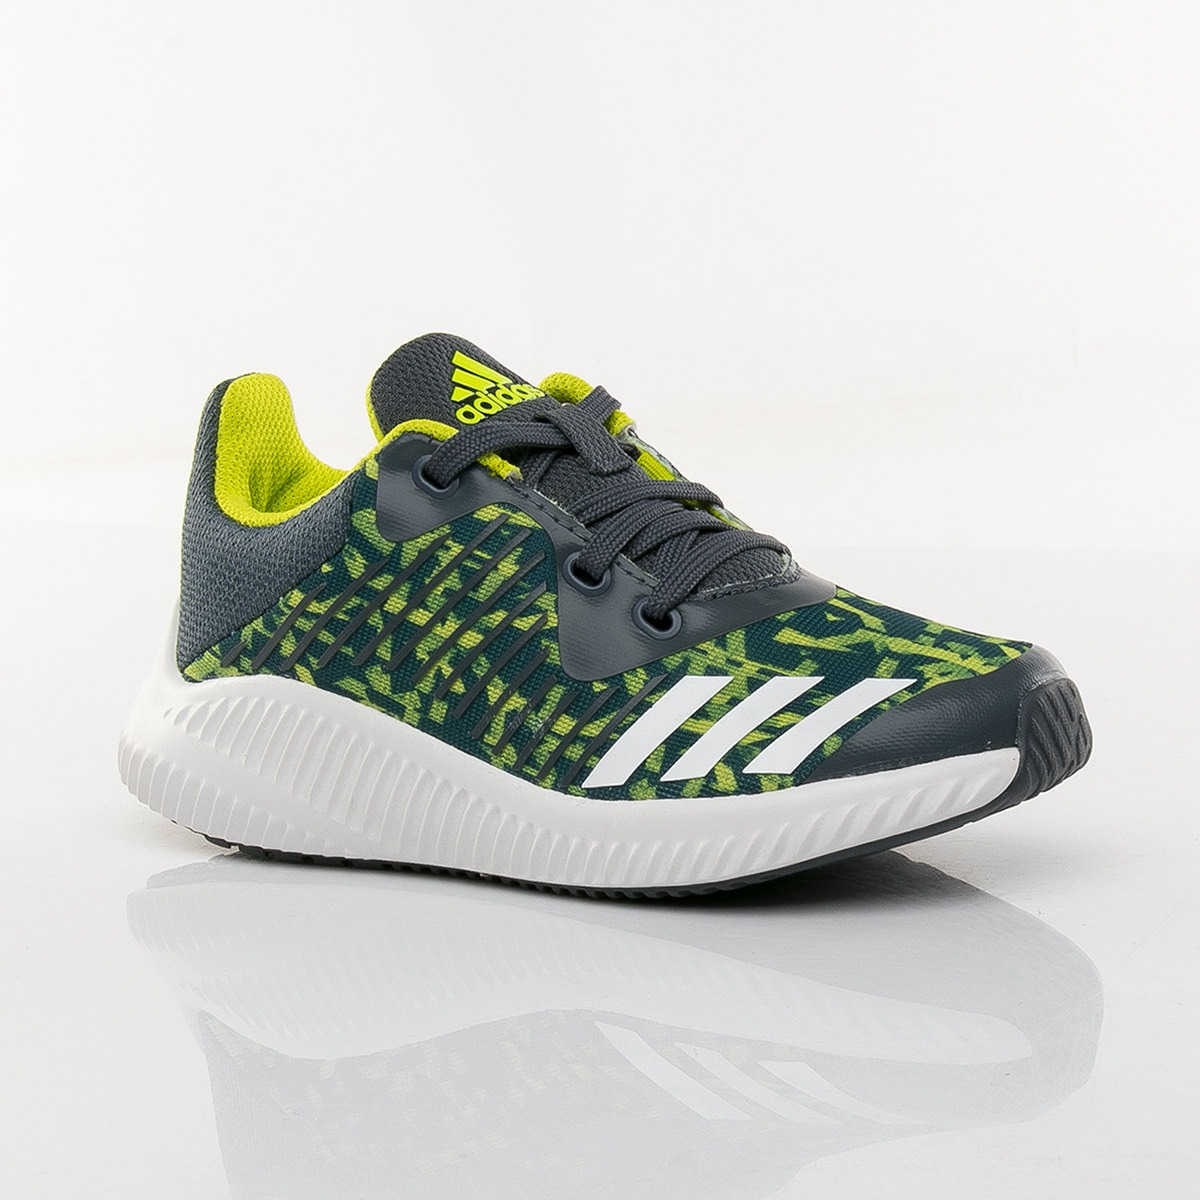 Adidas Zapatilla FortaRun IvQ9uGHT